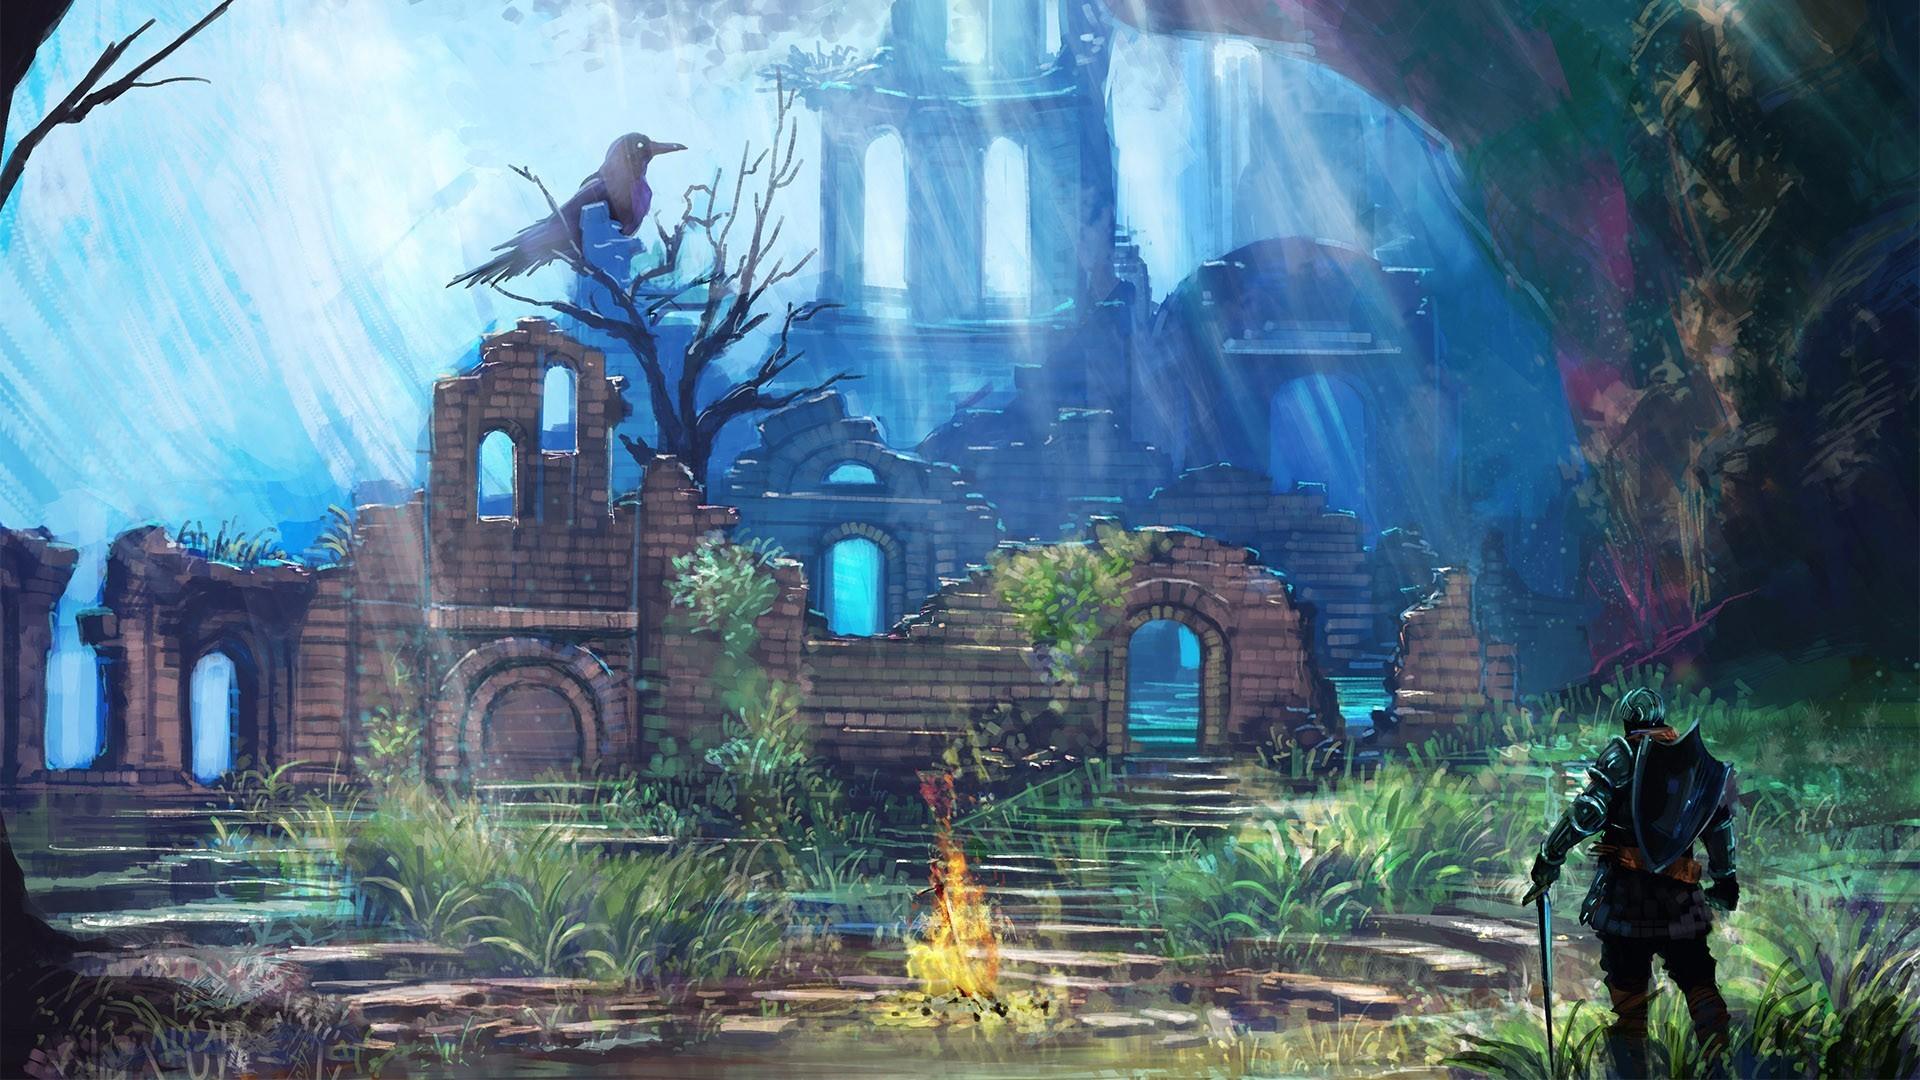 493639.jpg - Dark Souls Арториас Путник Бездны, Гвин, Гвин, Повелитель Пепла, Костер, Нежить, Нит, Нито Повелитель Могил, Пепел, Путник бездны, Темные души